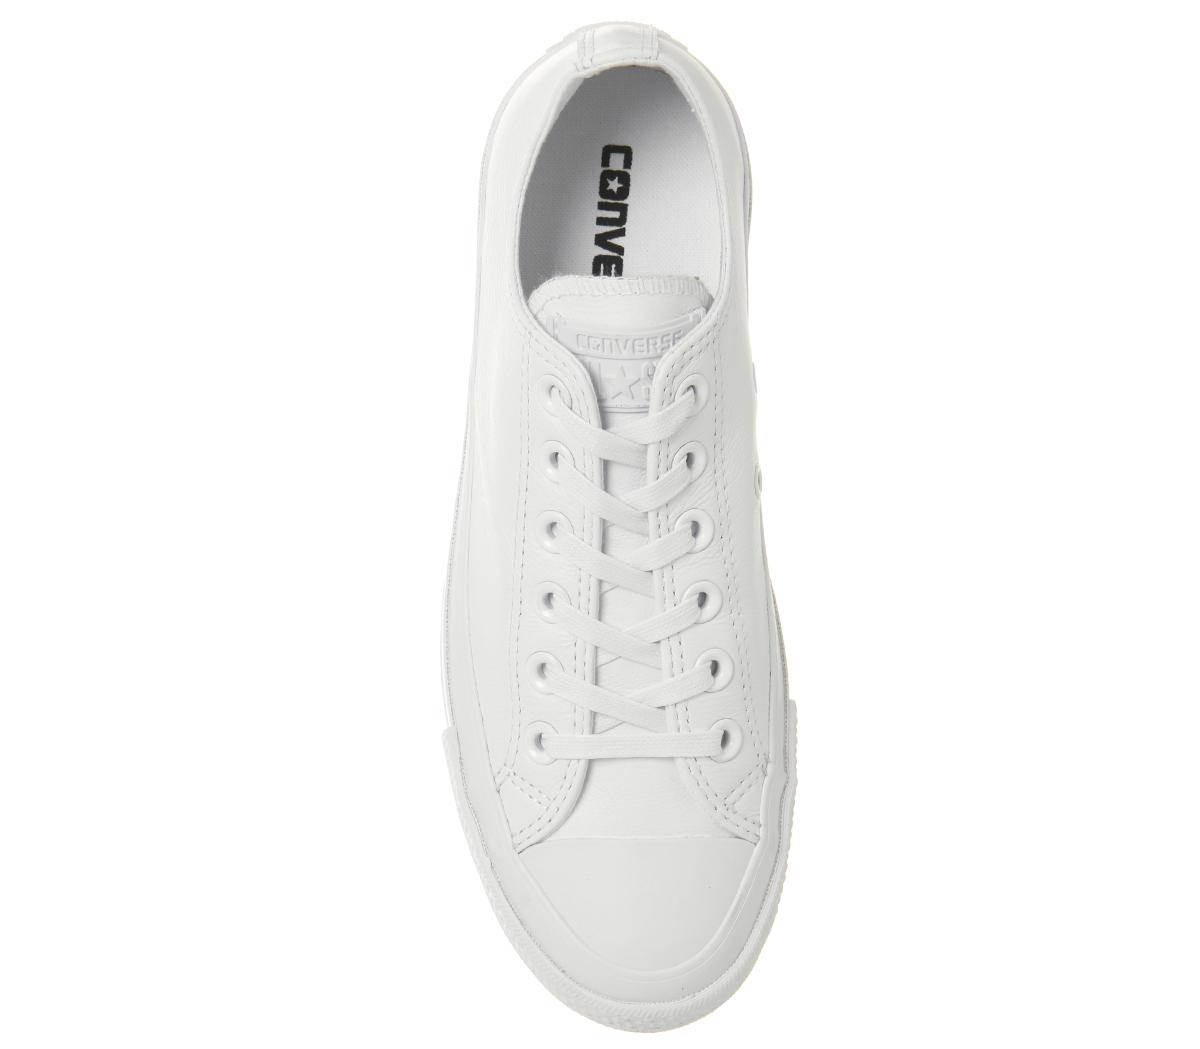 Damenschuhe Ox Converse Chuck Taylor All Star Lift Ripple Ox Damenschuhe Weiß MONO Trainers Schuhes 3d813b